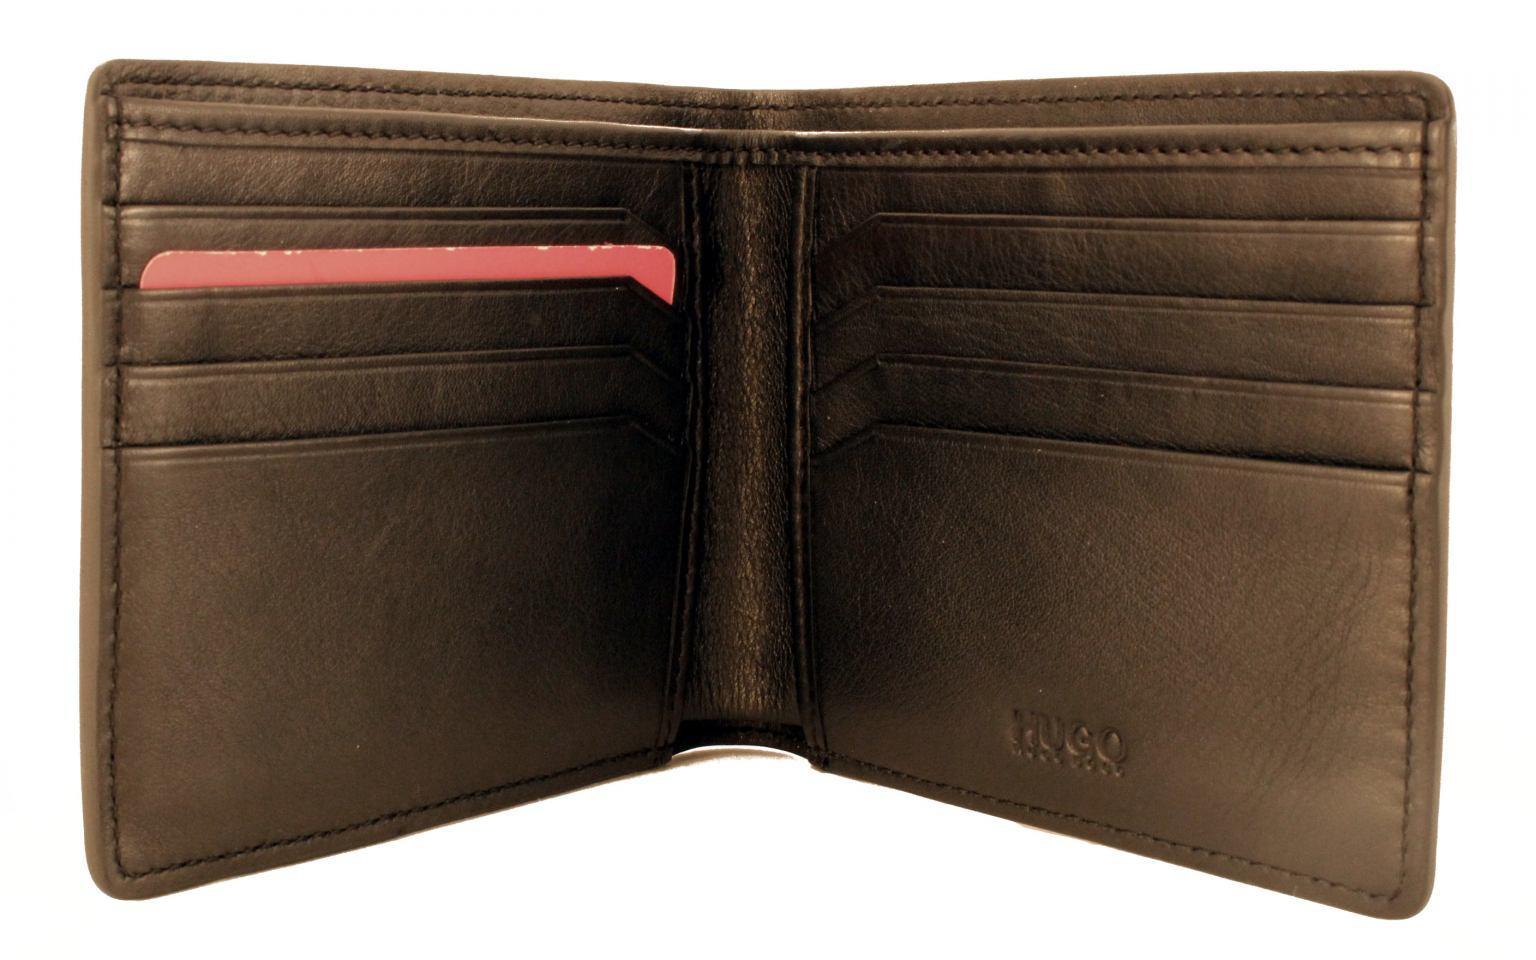 Hugo Boss Brieftasche Leder ohne Hartgeldfach Schwarz